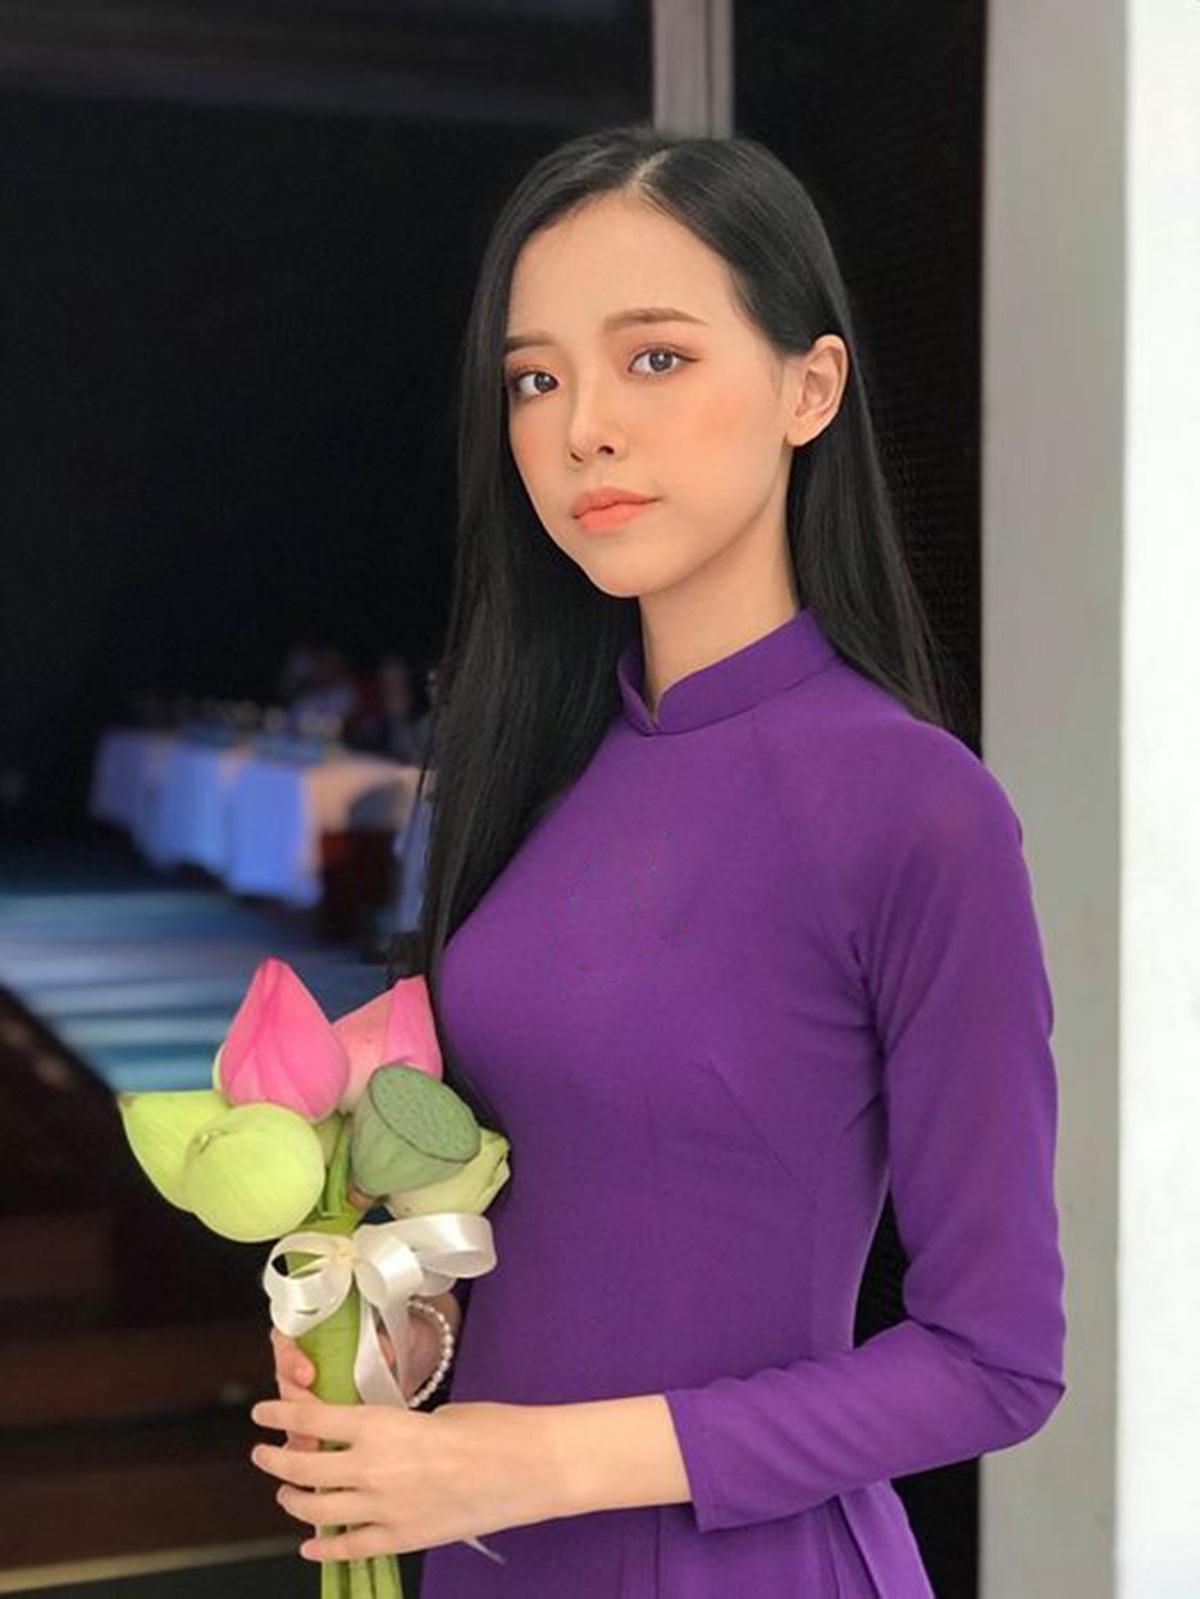 Nữ sinh Đà Nẵng khoe sắc xuân thì trong tà áo dài duyên dáng - 3